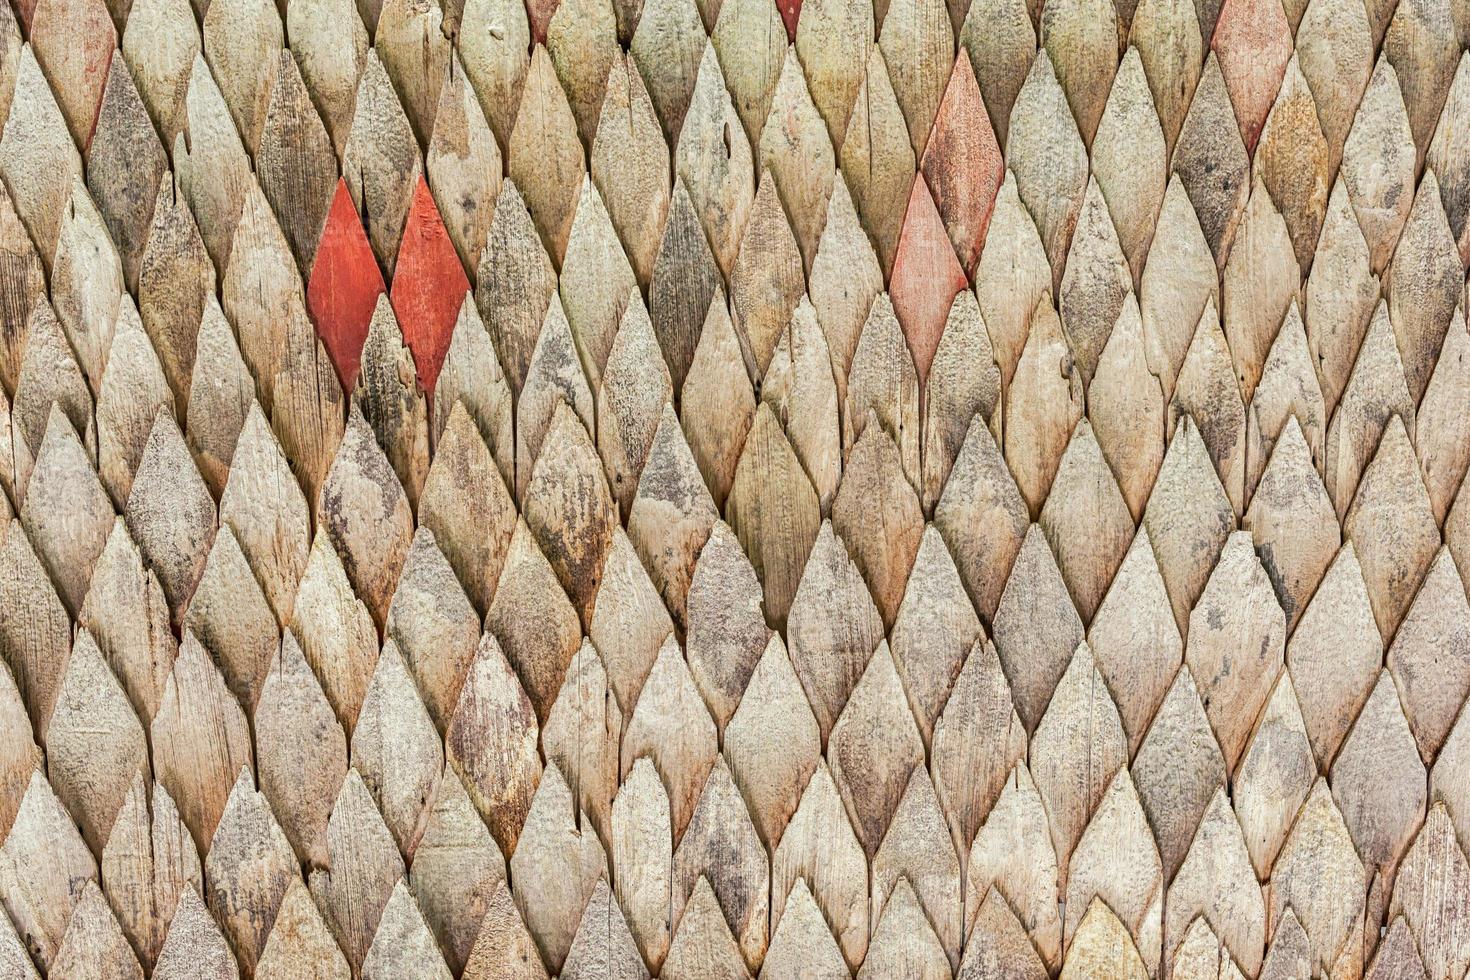 abstracte bruine houtstructuur achtergrond foto